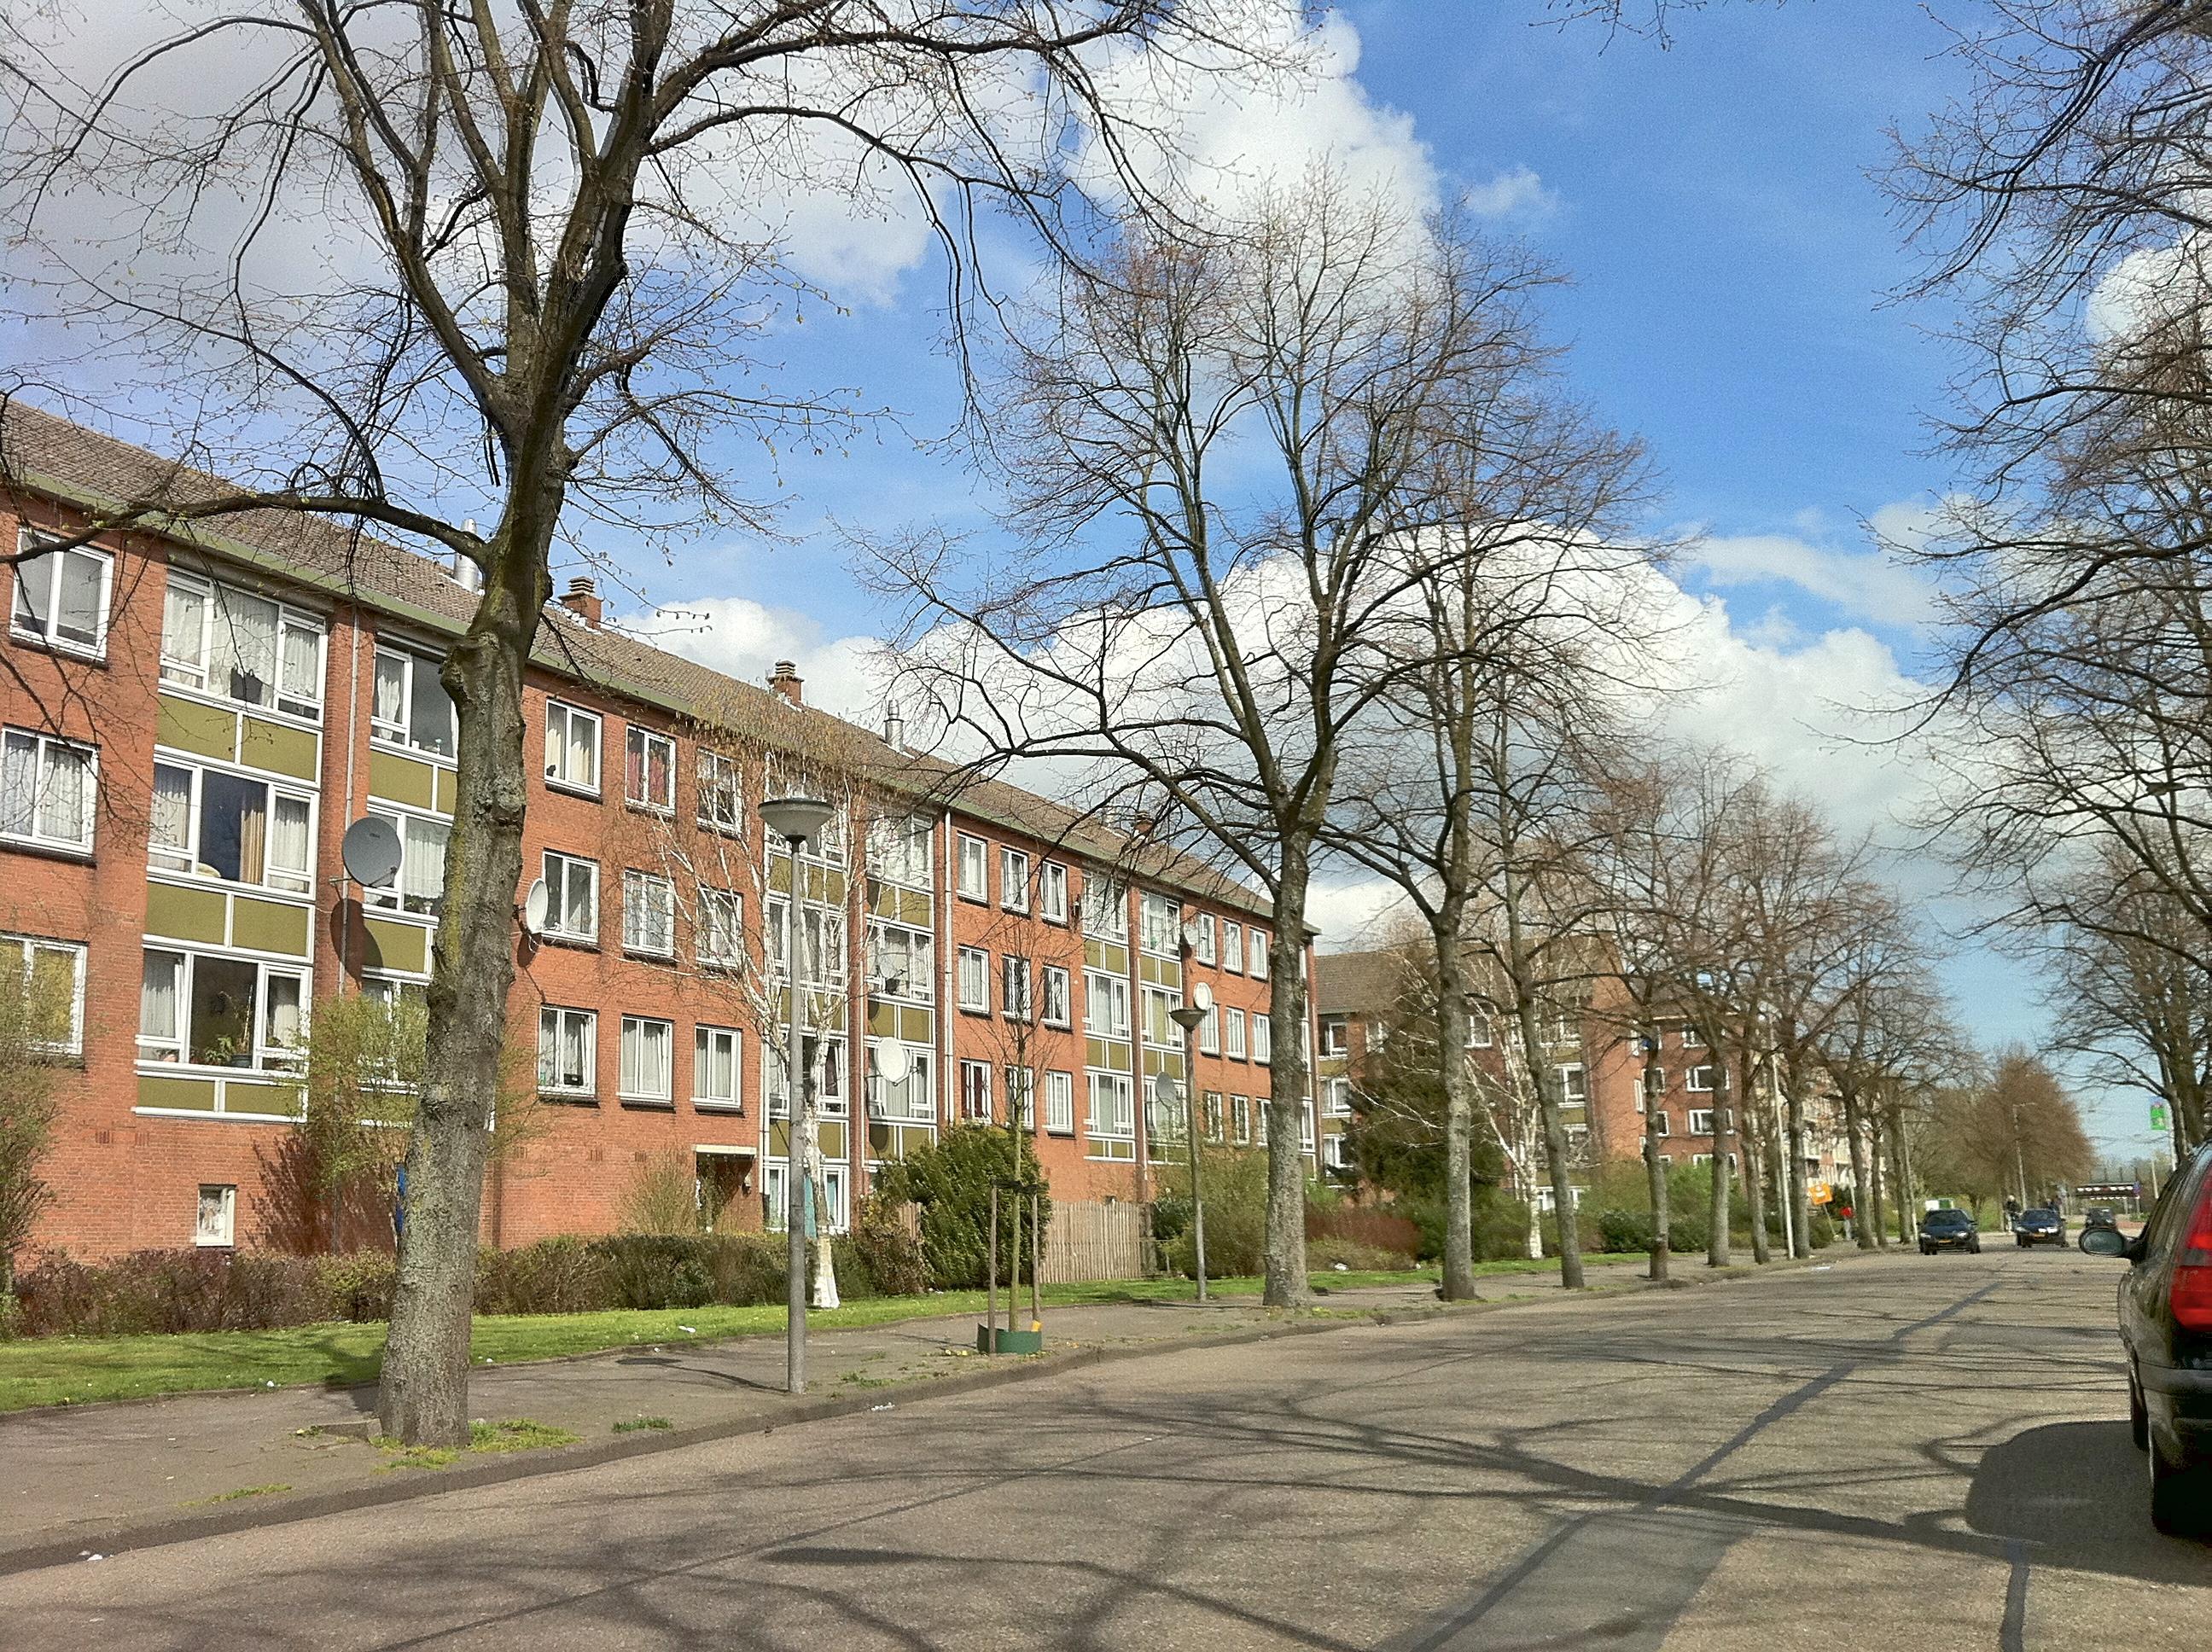 Sanitairwinkel amsterdam noord: rabelya home design amsterdam